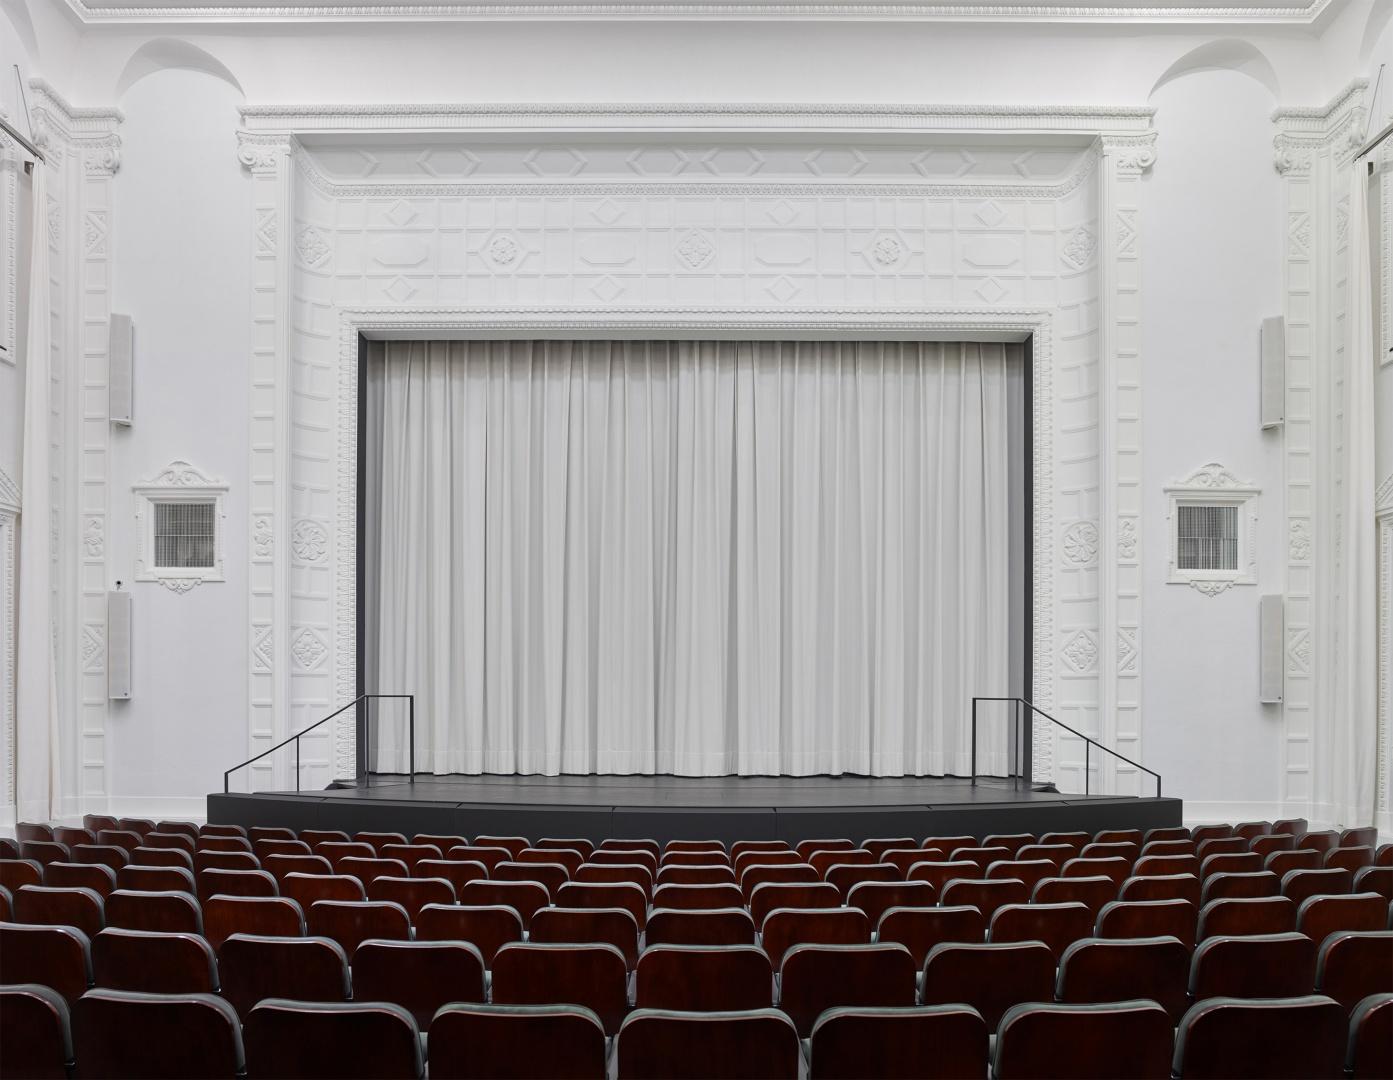 Theatersaal © Adrian Scheidegger